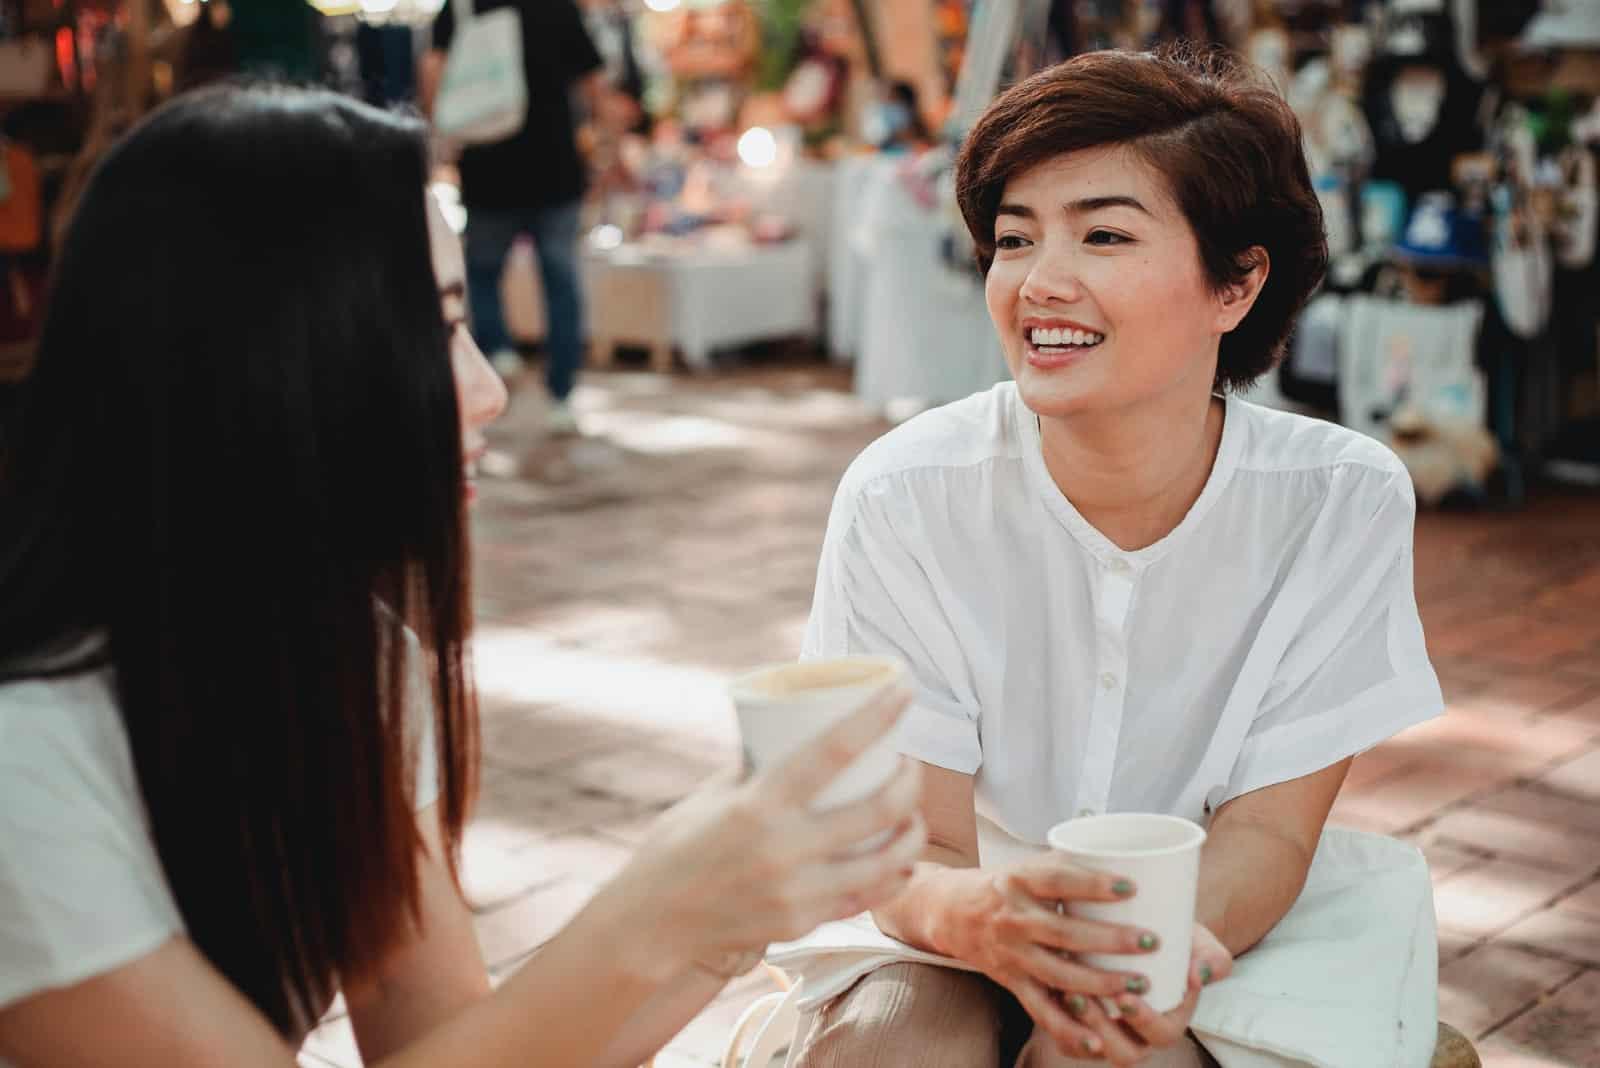 deux femmes qui parlent en chemises blanches parlent